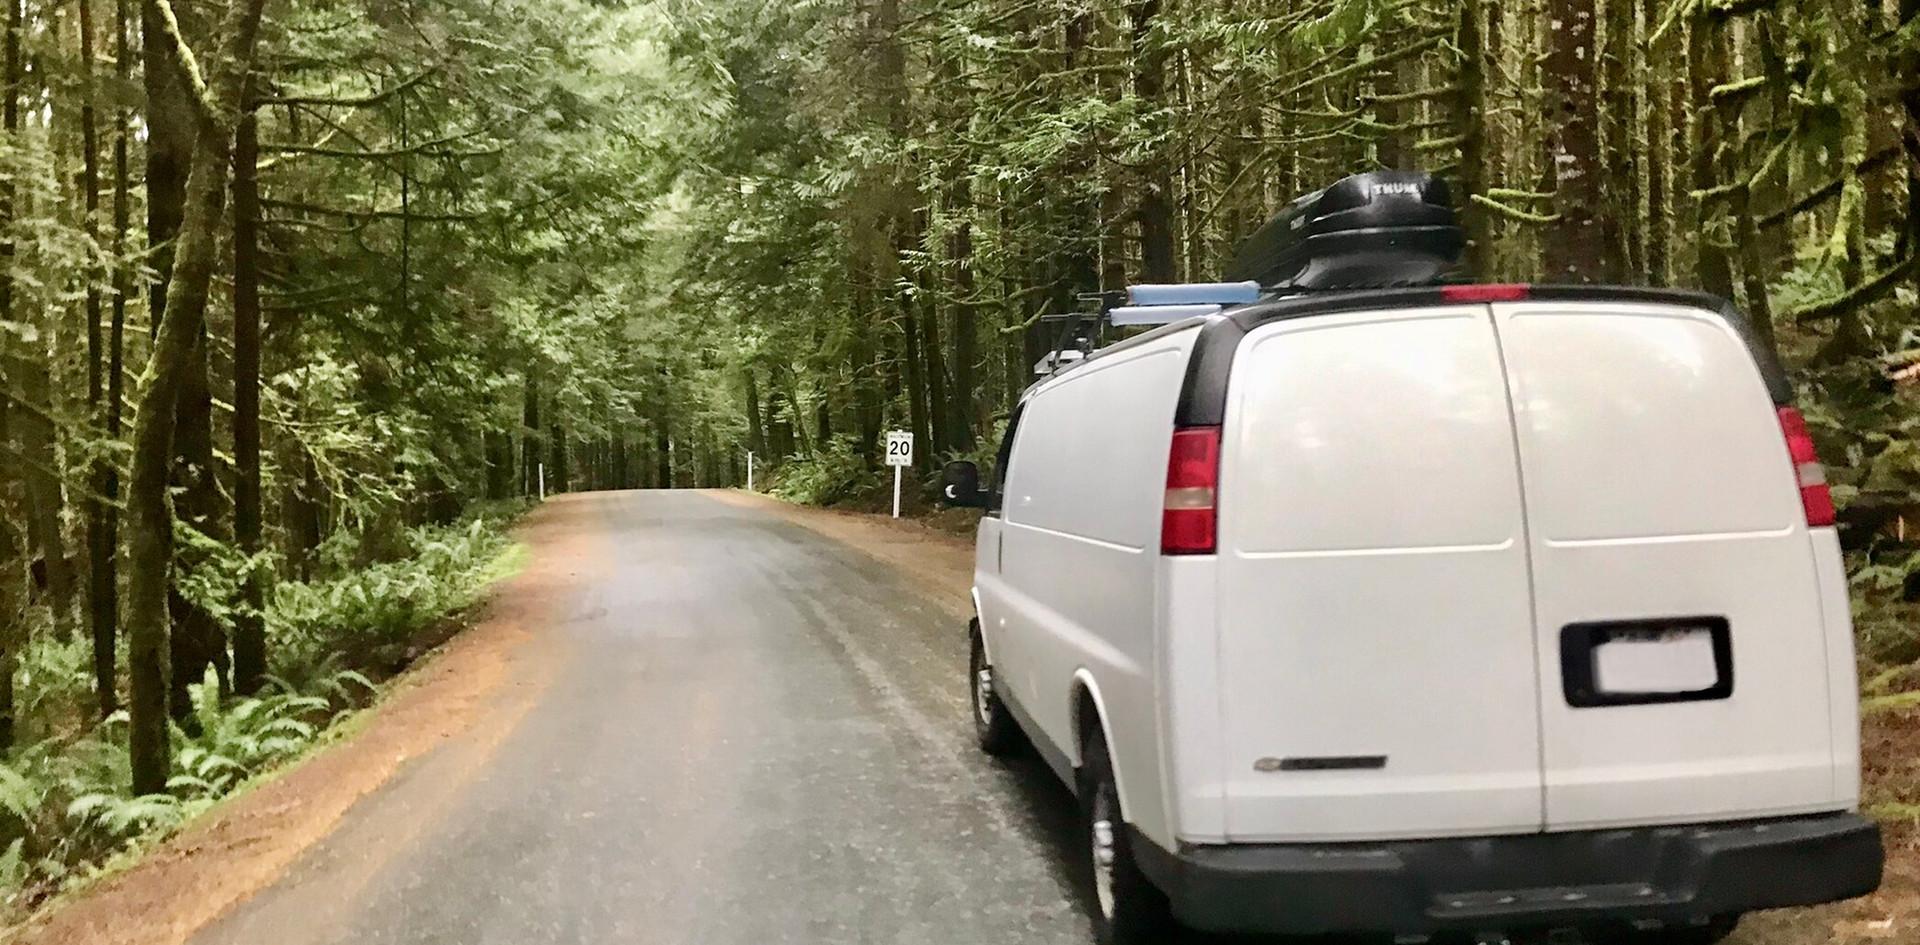 Van sur une route forestière pittoresque